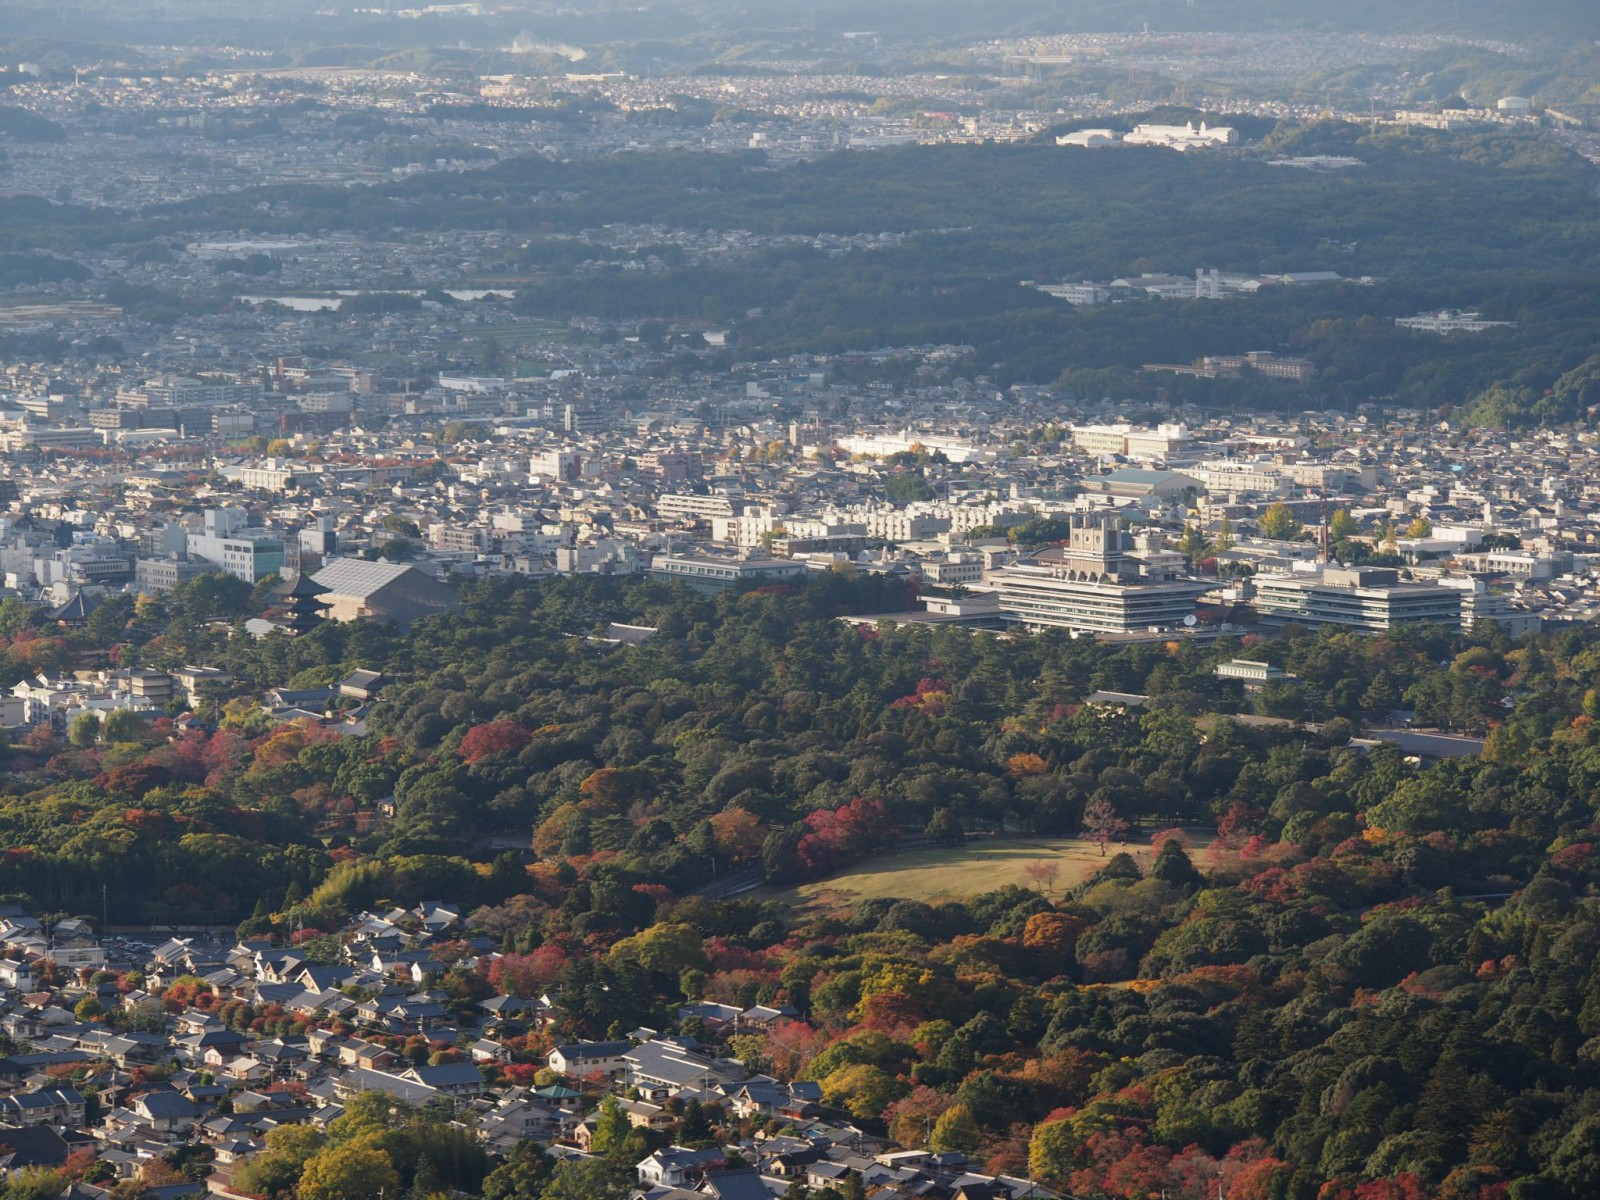 高円山大文字火床から奈良公園・興福寺方面を望む